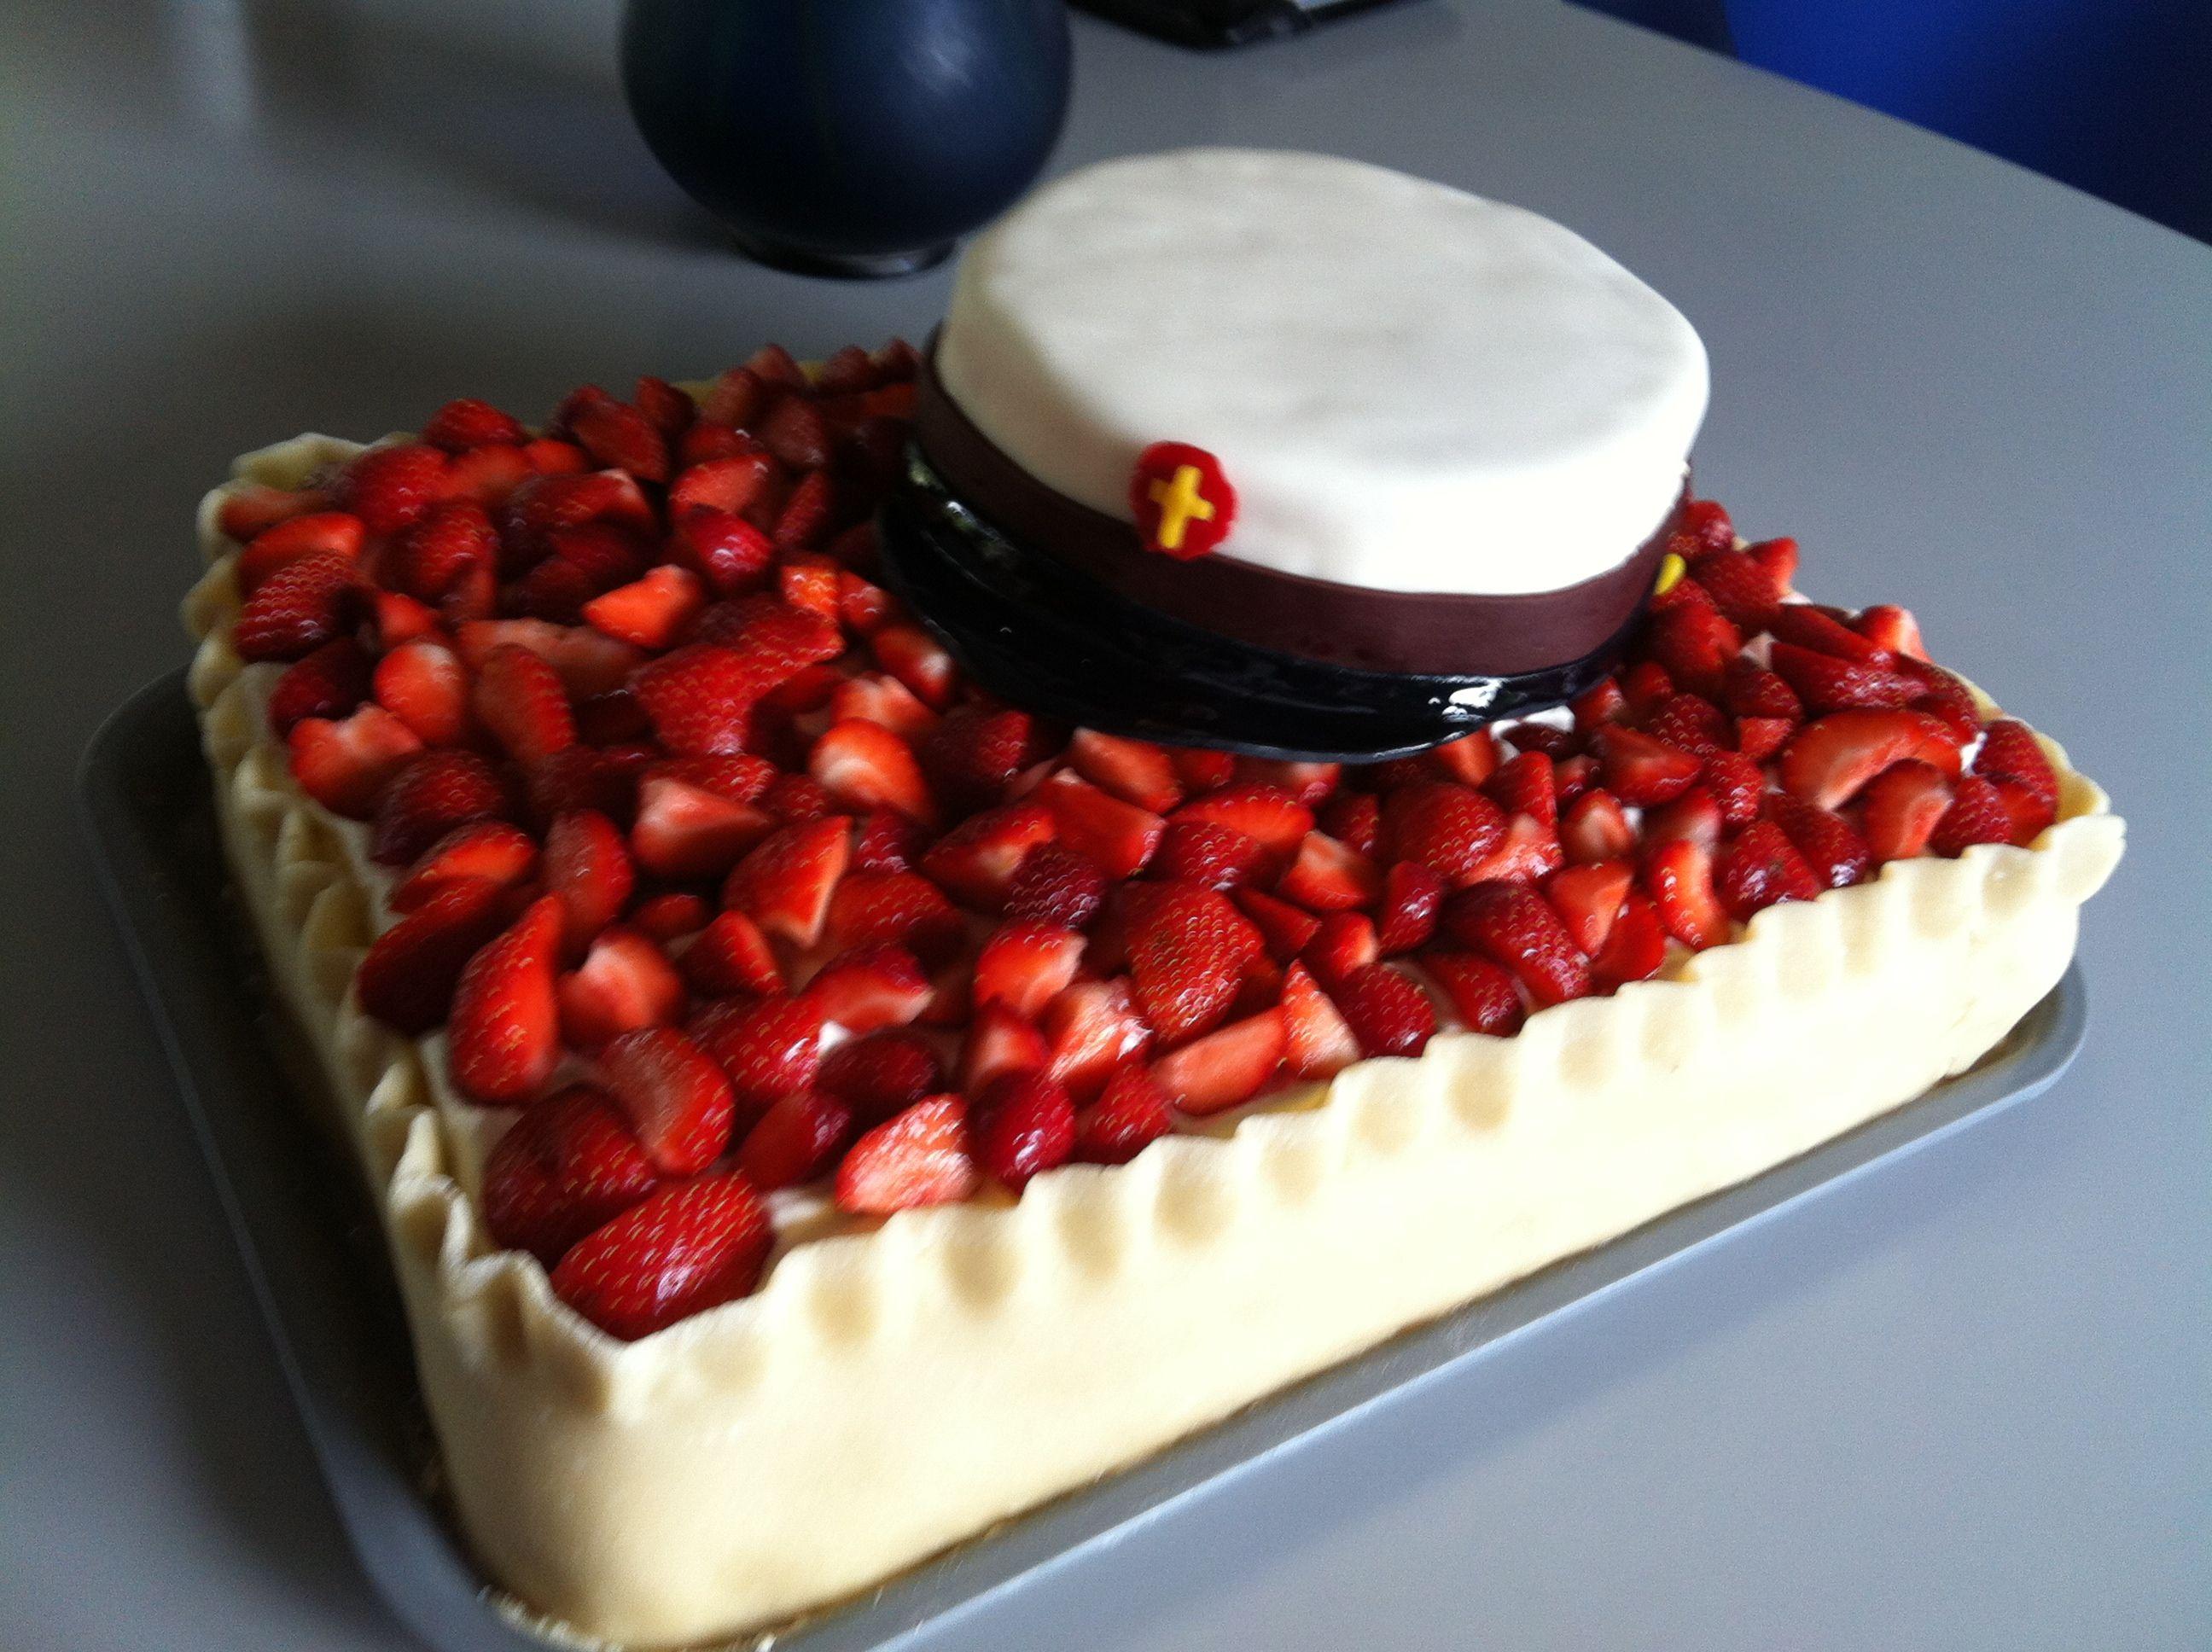 Ellen's studenterkage Almindelige lagkagebunde, maste jordbær og jordbær i skiver blandet med flødeskum, som creme. Marcipankant og jordbær i skiver på toppen.  Huen er lavet af chokoladekage, med marcipanovertræk og pynt.